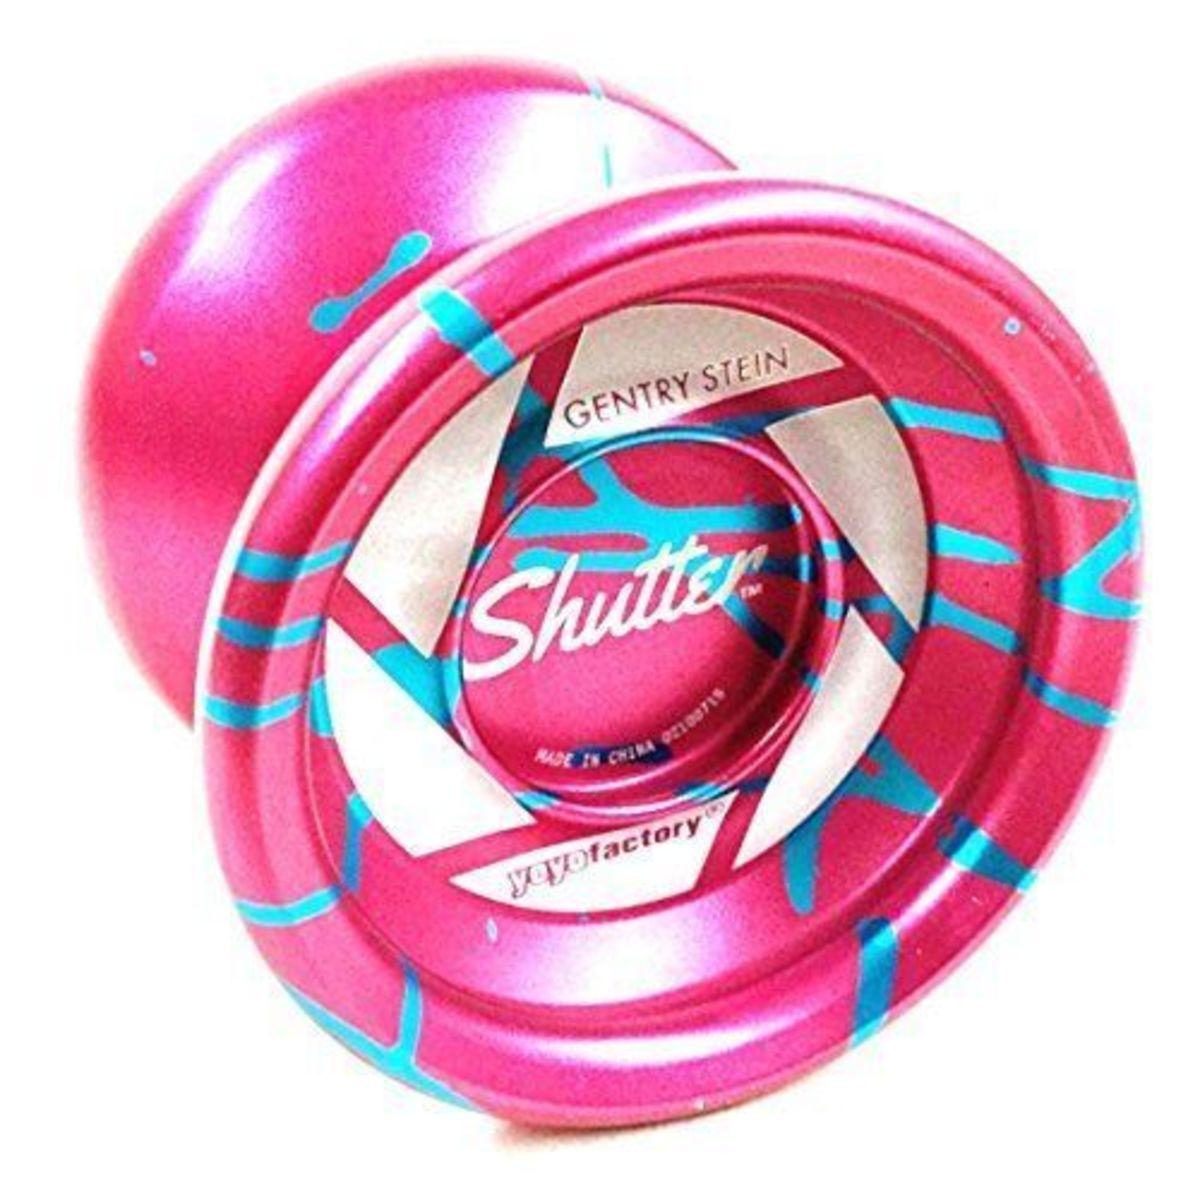 Shutter Splash YoyoFactory